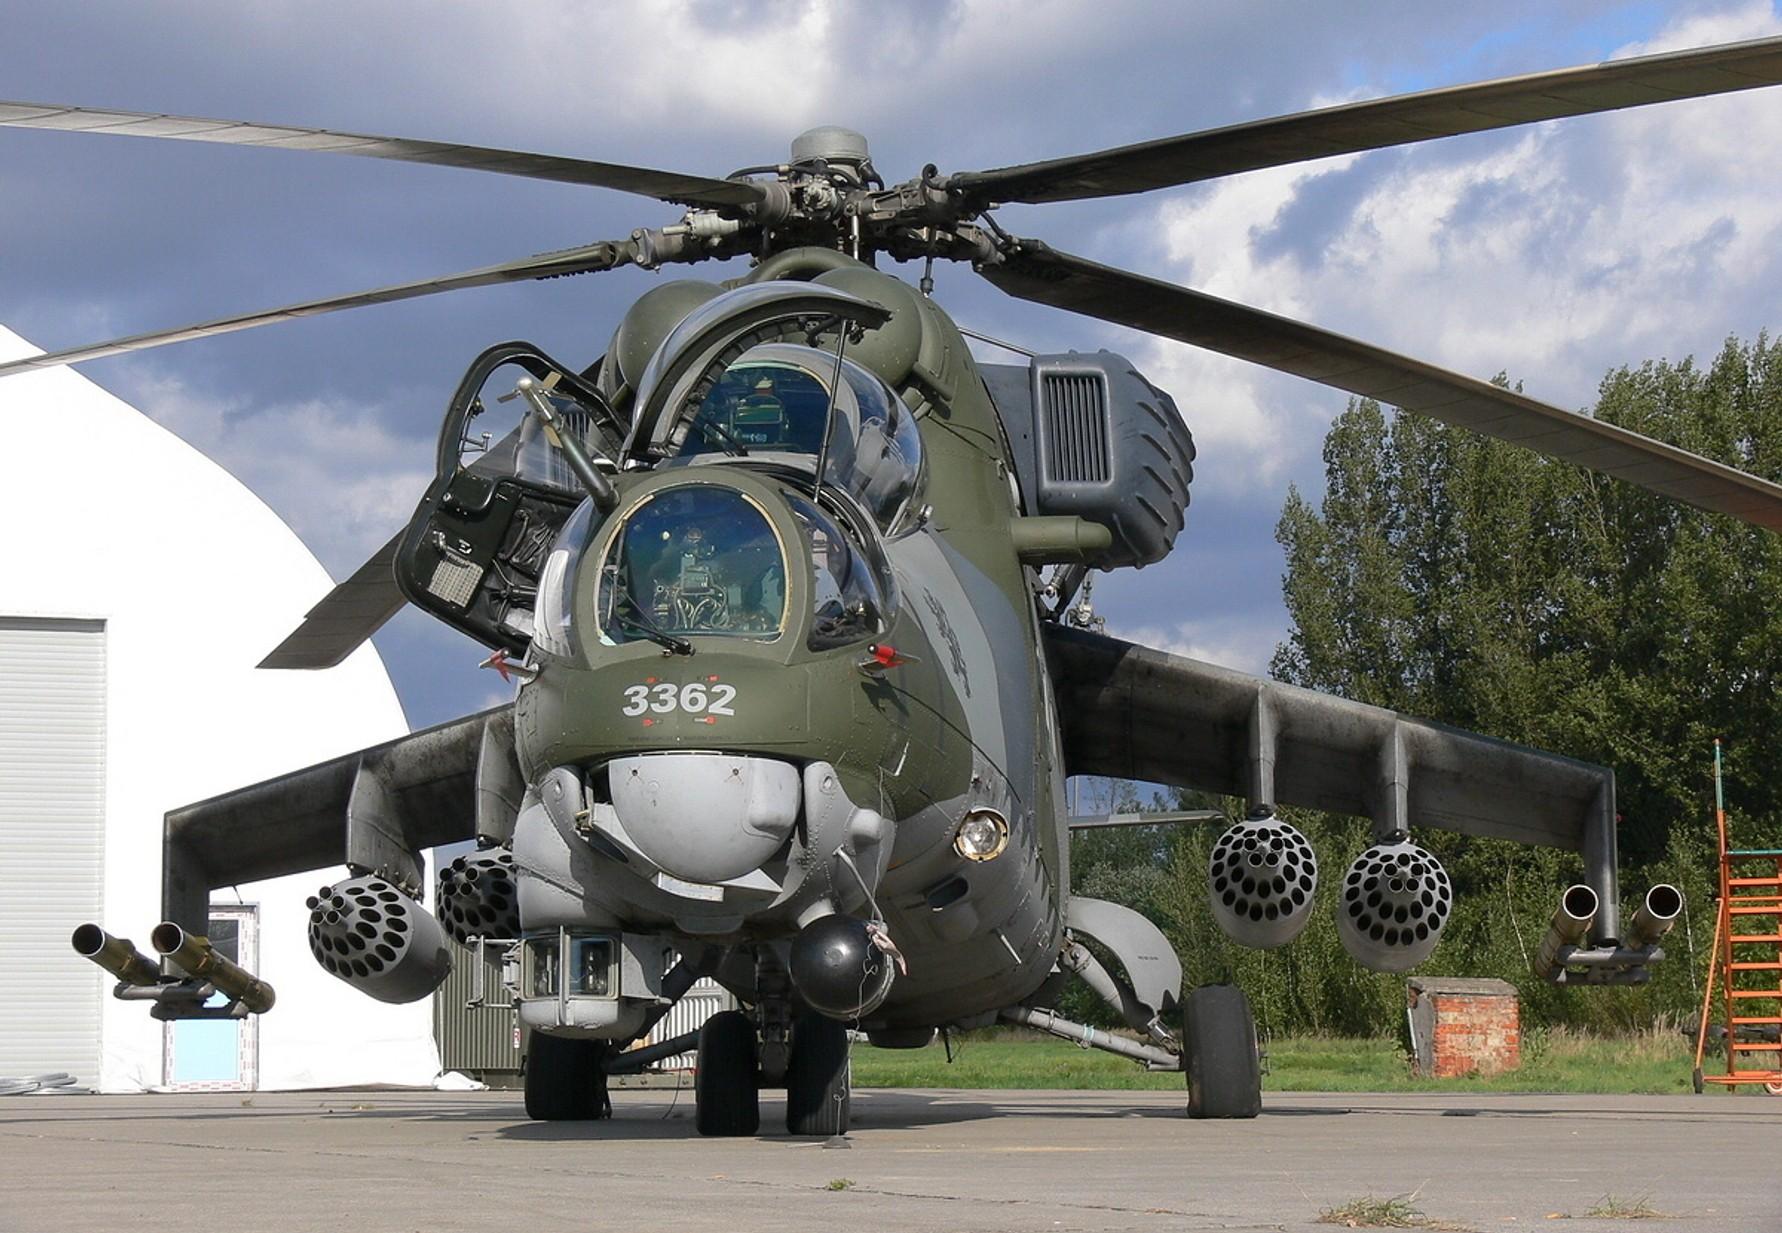 103bce000 vozidlo letadlo válečný vojenská letadla vrtulníky letectvo Mil Mi 24 mi 24  zadní letectví helikoptéra Atmosféra